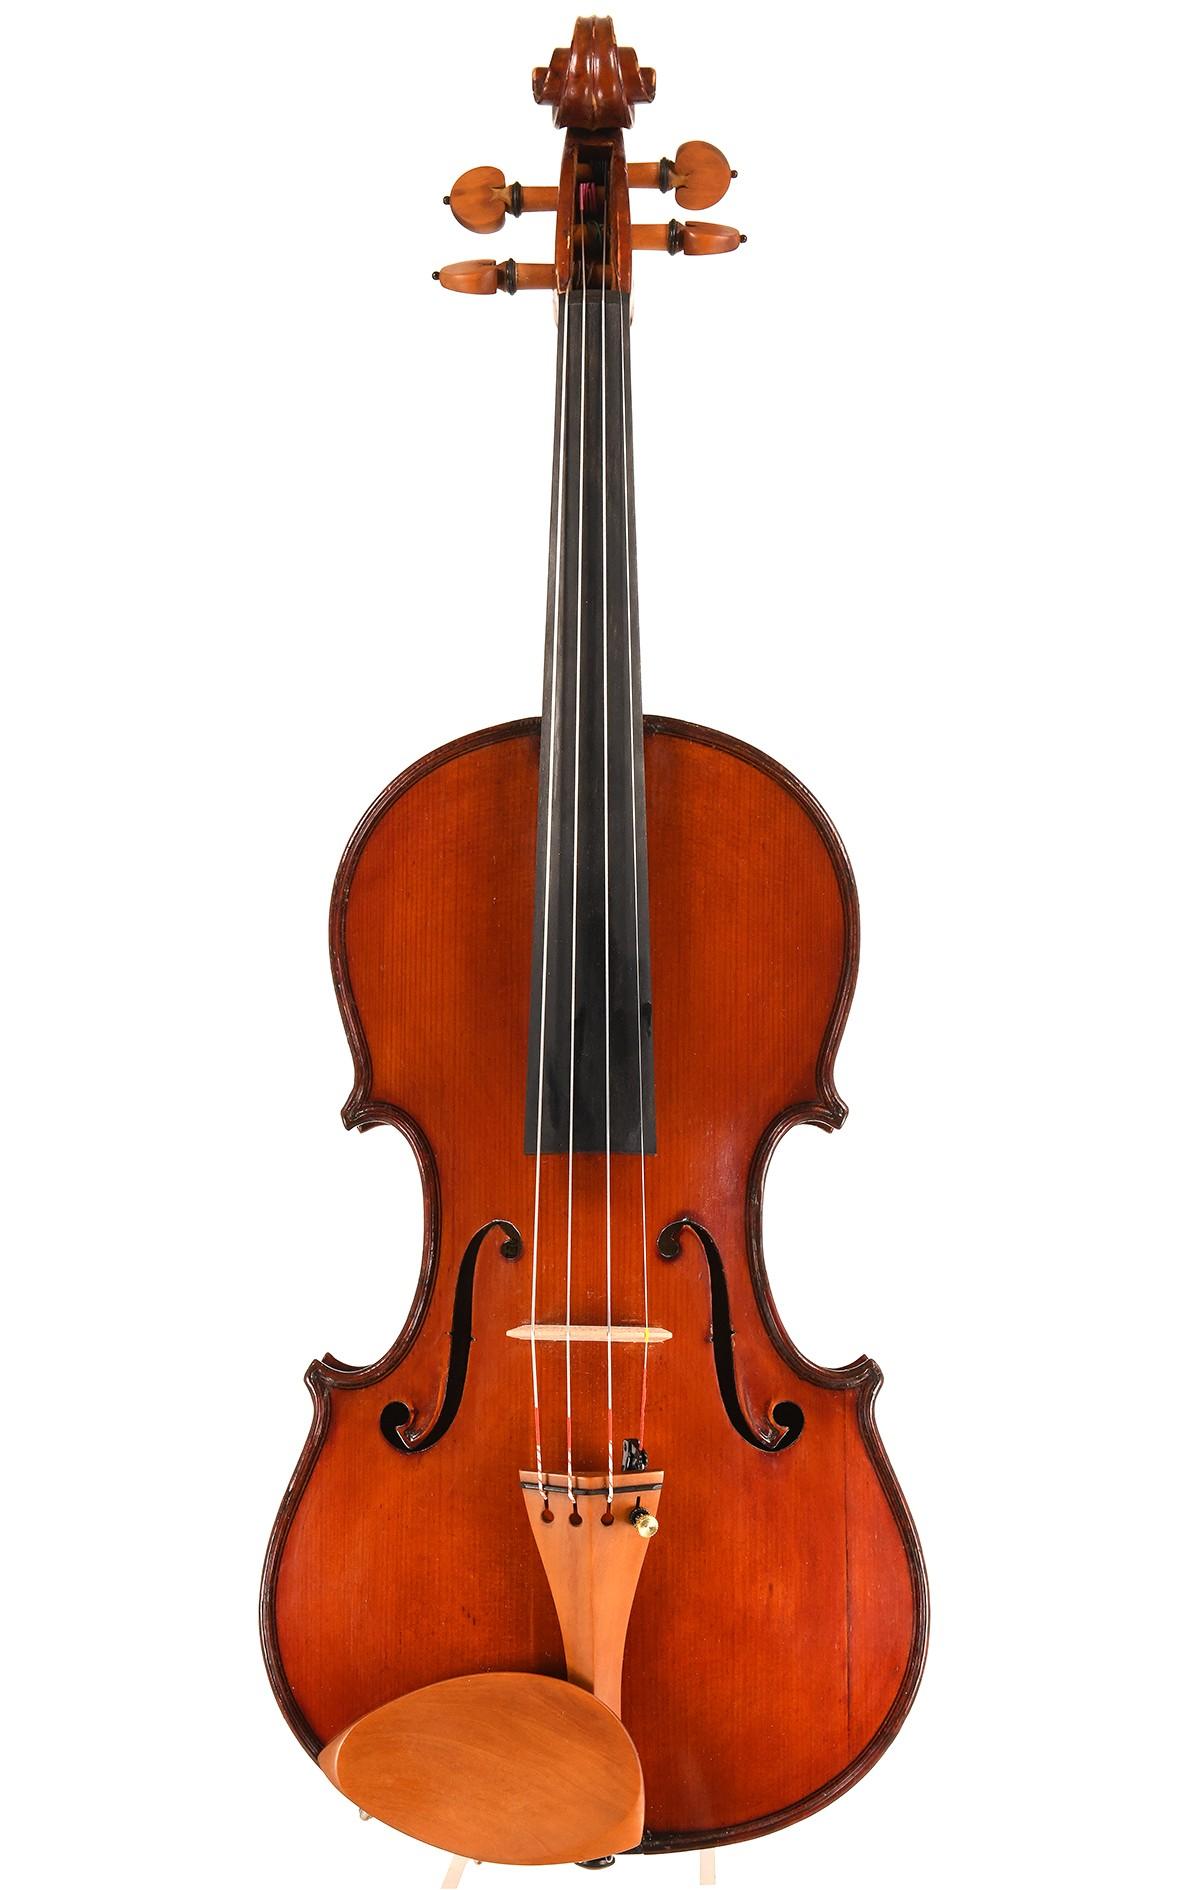 Italienische Geige von Aristide Cavalli, Cremona